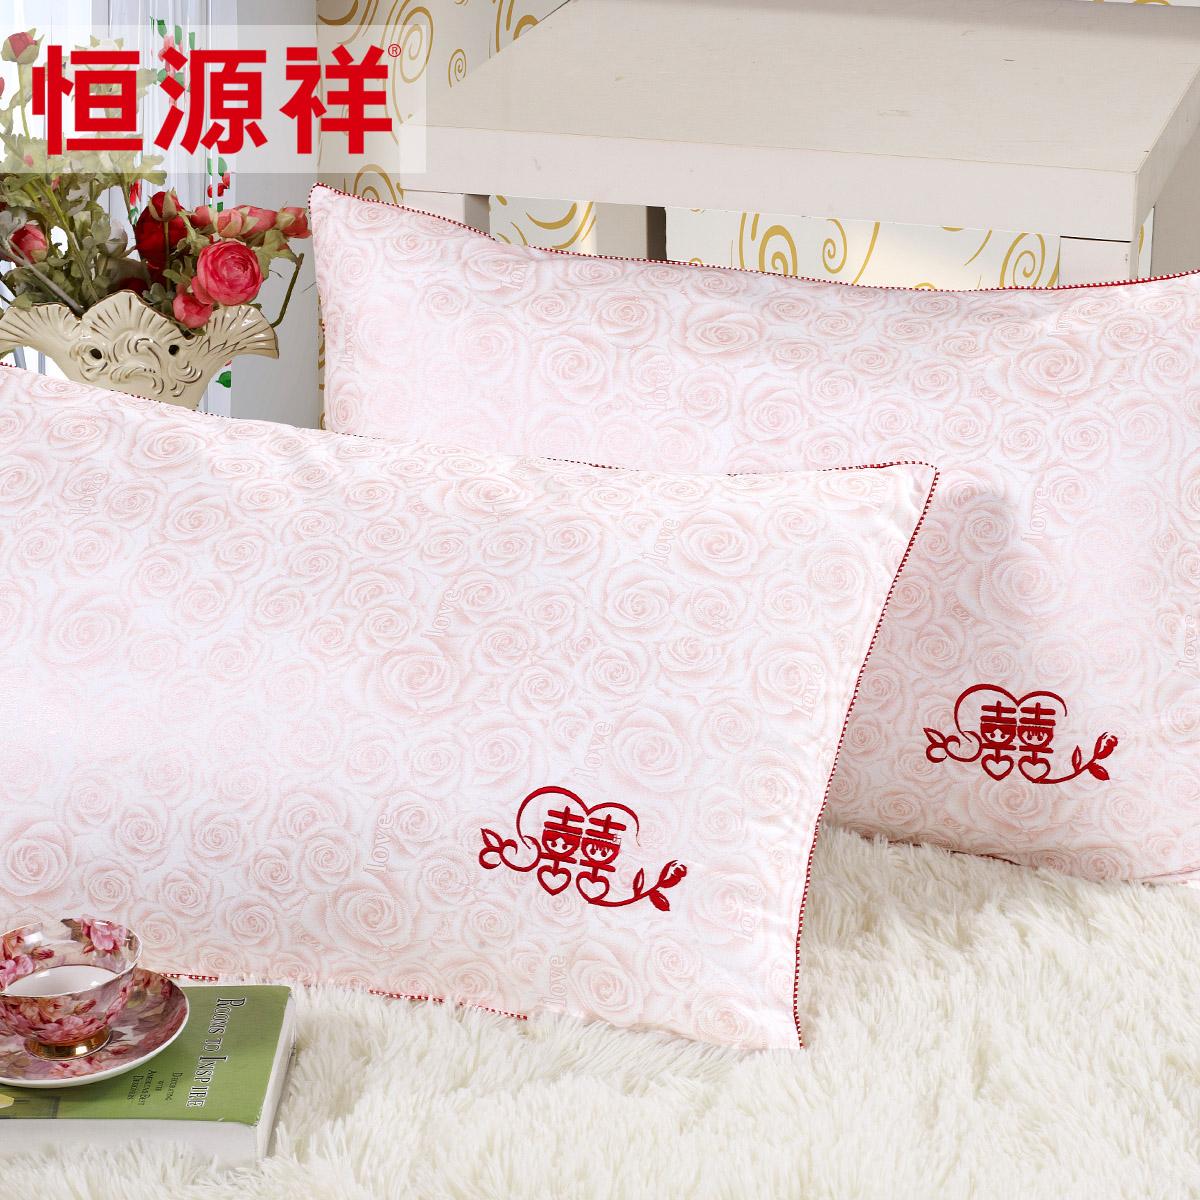 恒源祥家纺床上用品婚庆枕头 枕芯一对颈椎枕保健枕长枕头特价